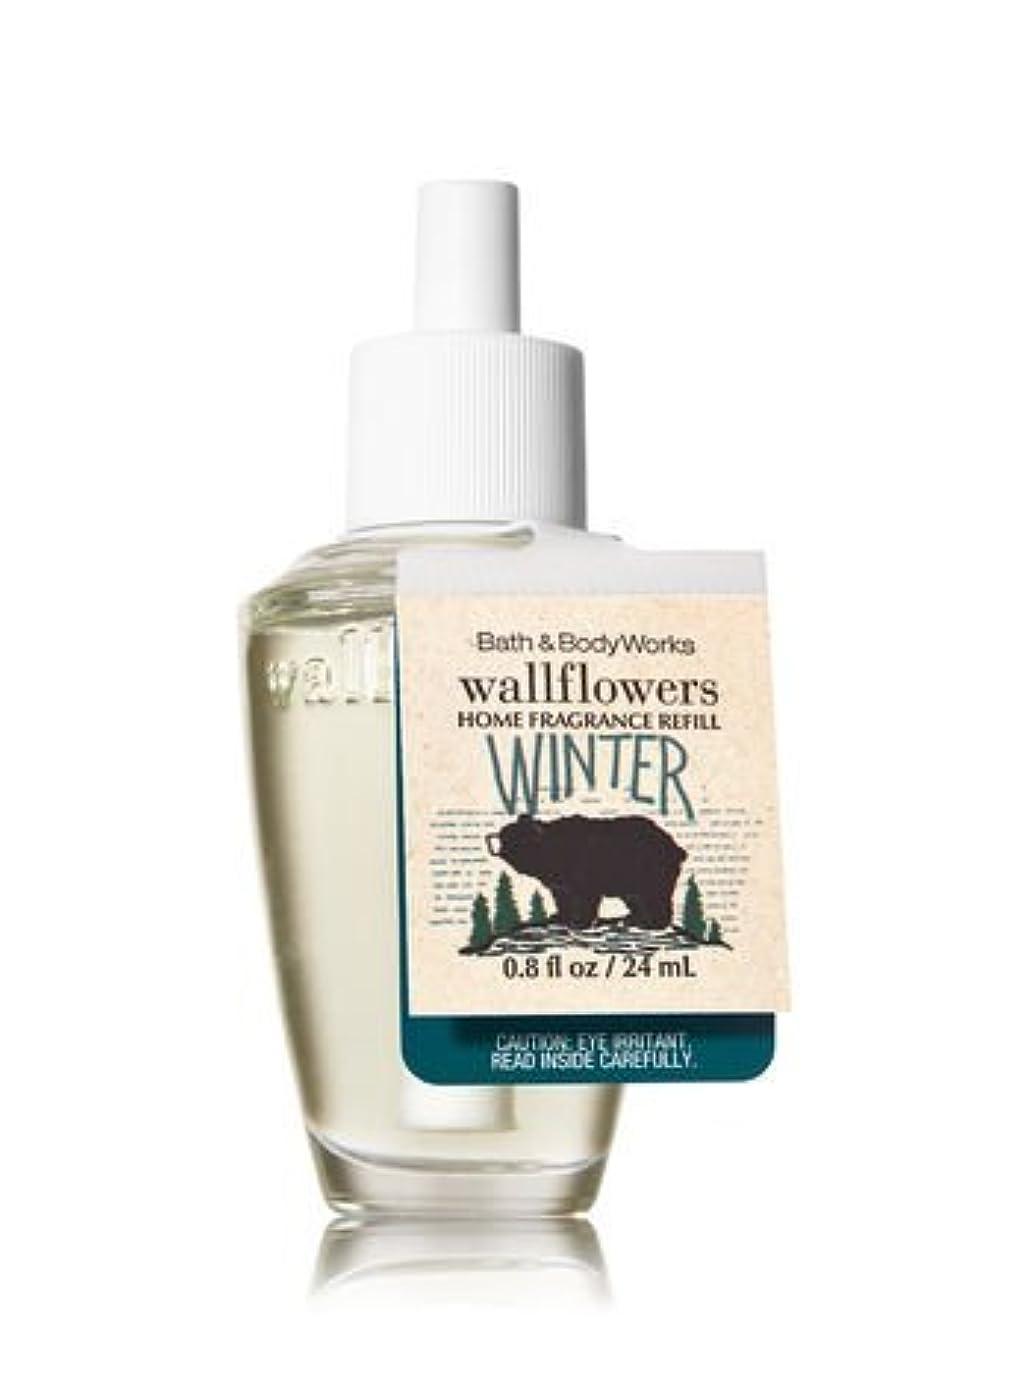 順応性のある敬意擬人化【Bath&Body Works/バス&ボディワークス】 ルームフレグランス 詰替えリフィル ウィンター Wallflowers Home Fragrance Refill Winter [並行輸入品]